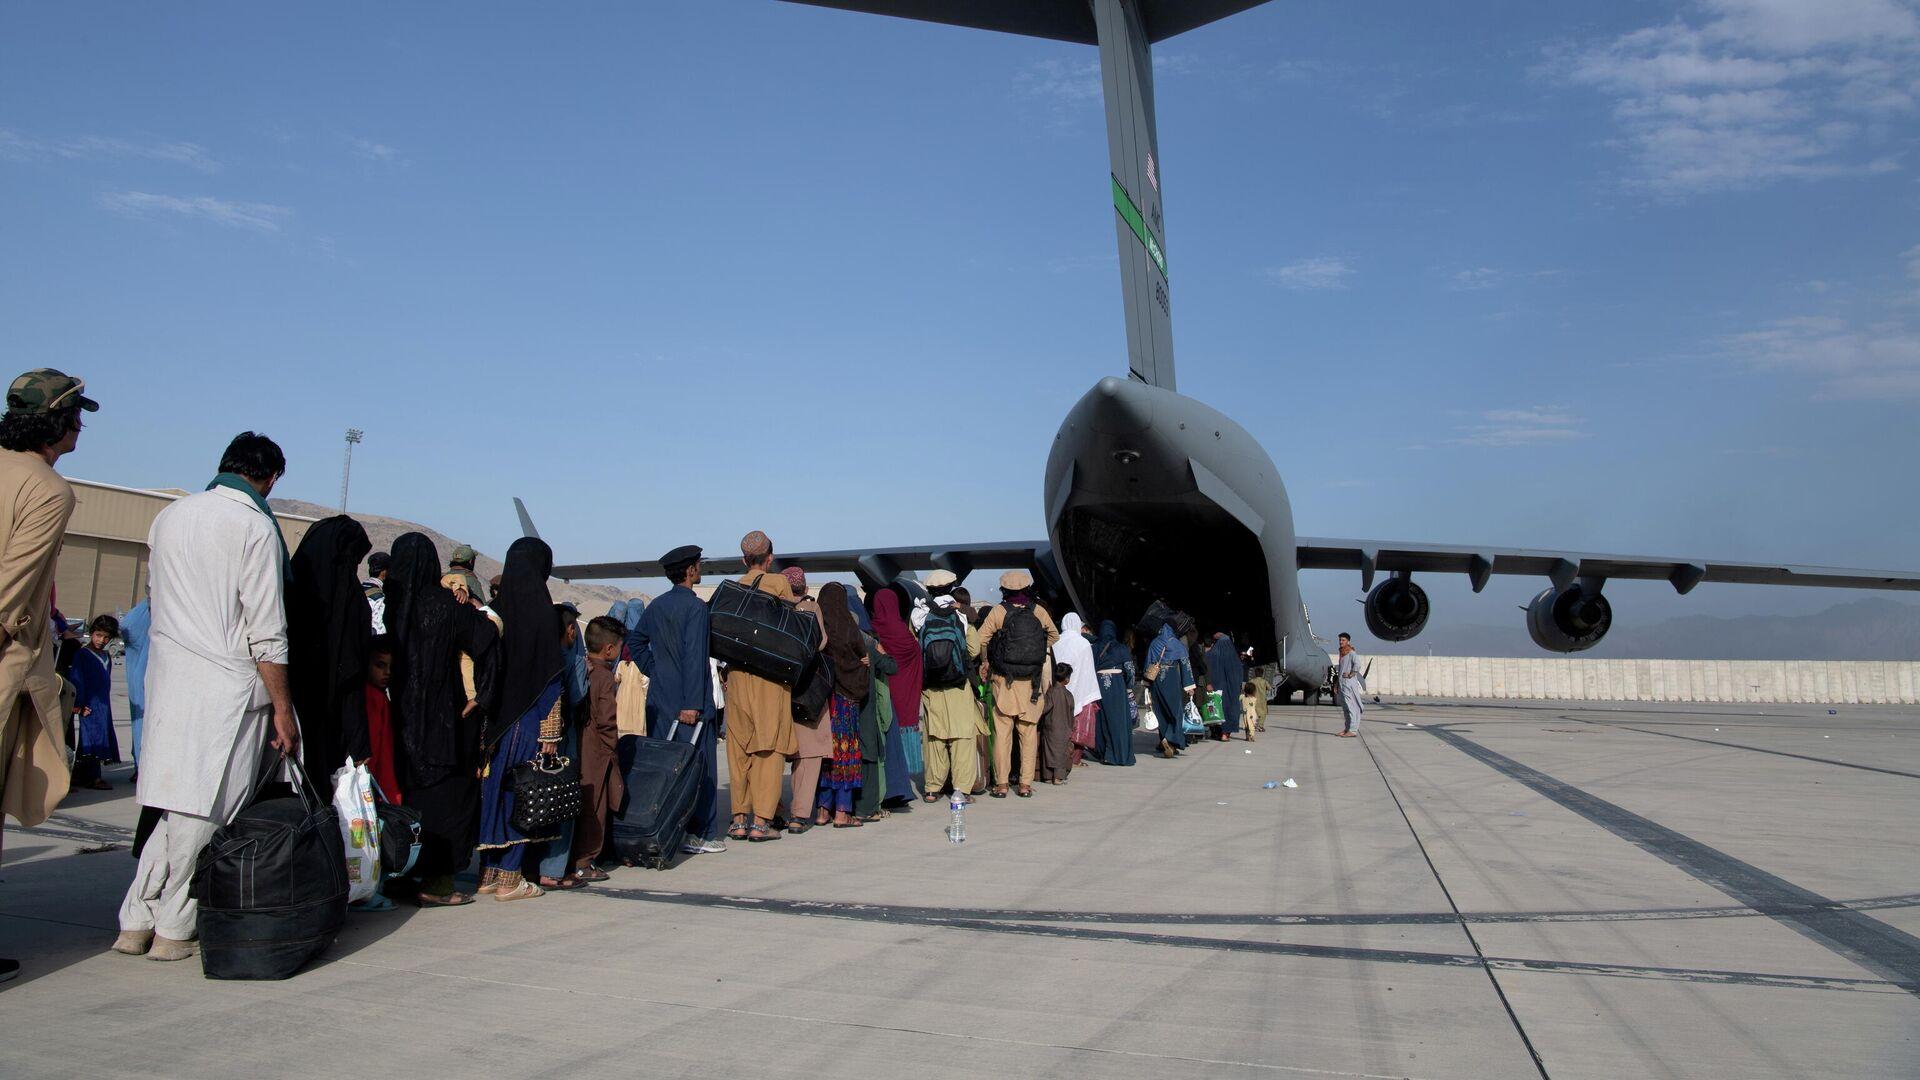 Evakuierung am Flughafen von Kabul (Symbolbild) - SNA, 1920, 28.08.2021